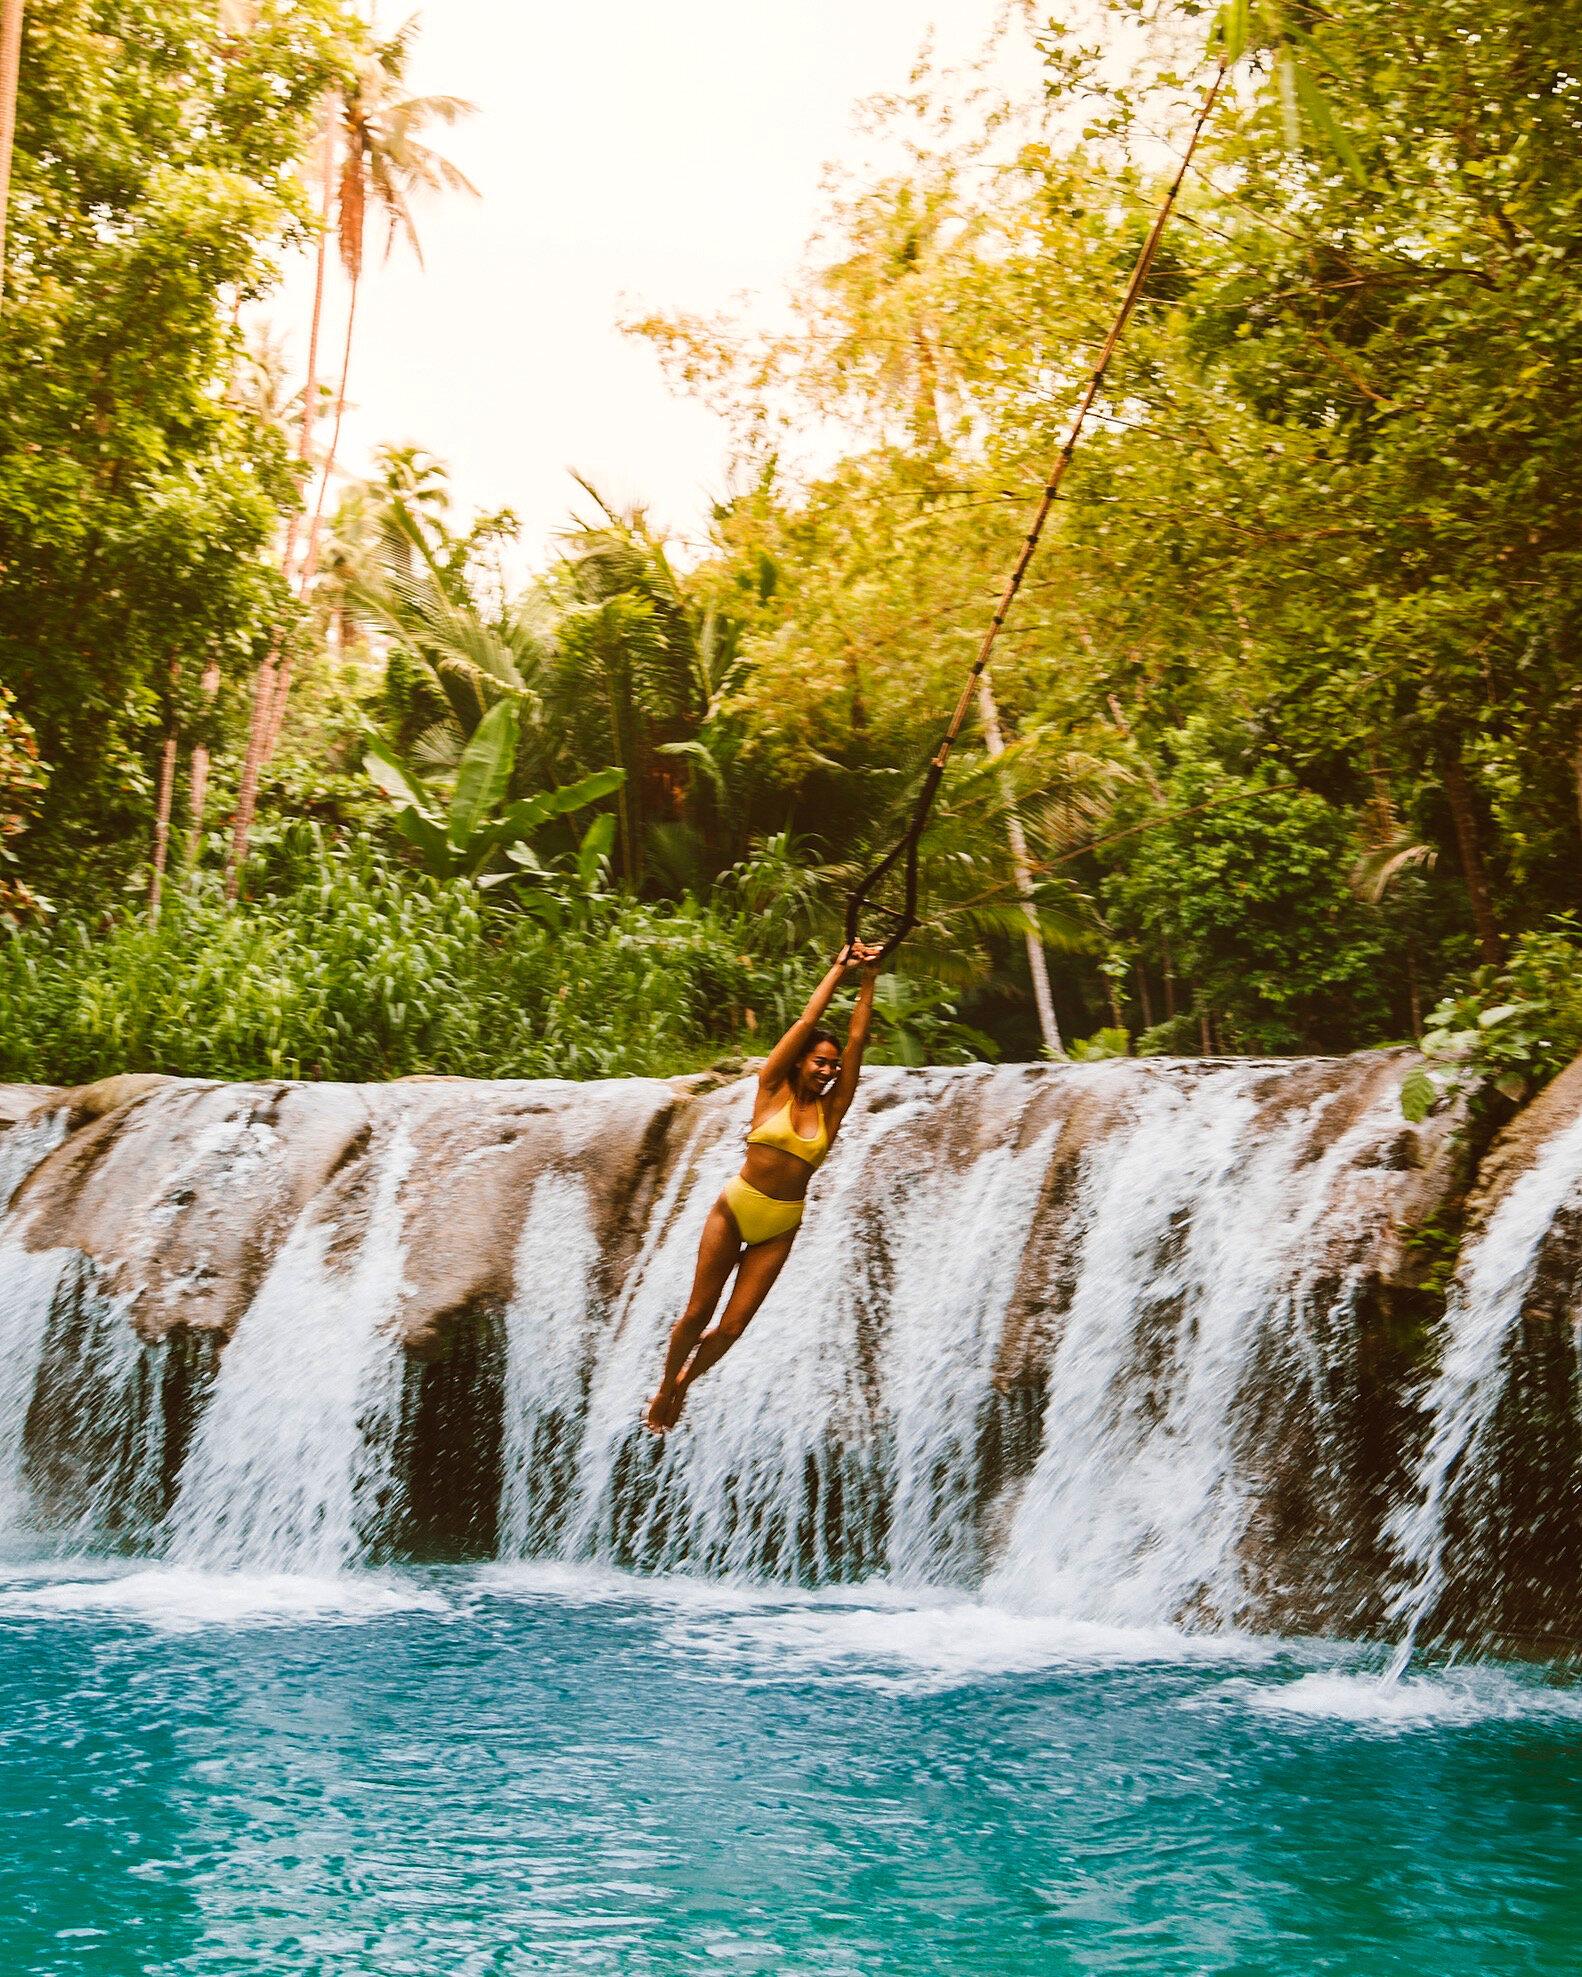 快进2020年!在菲律宾宿务附近的西基约岛的坎布加伊瀑布嬉戏